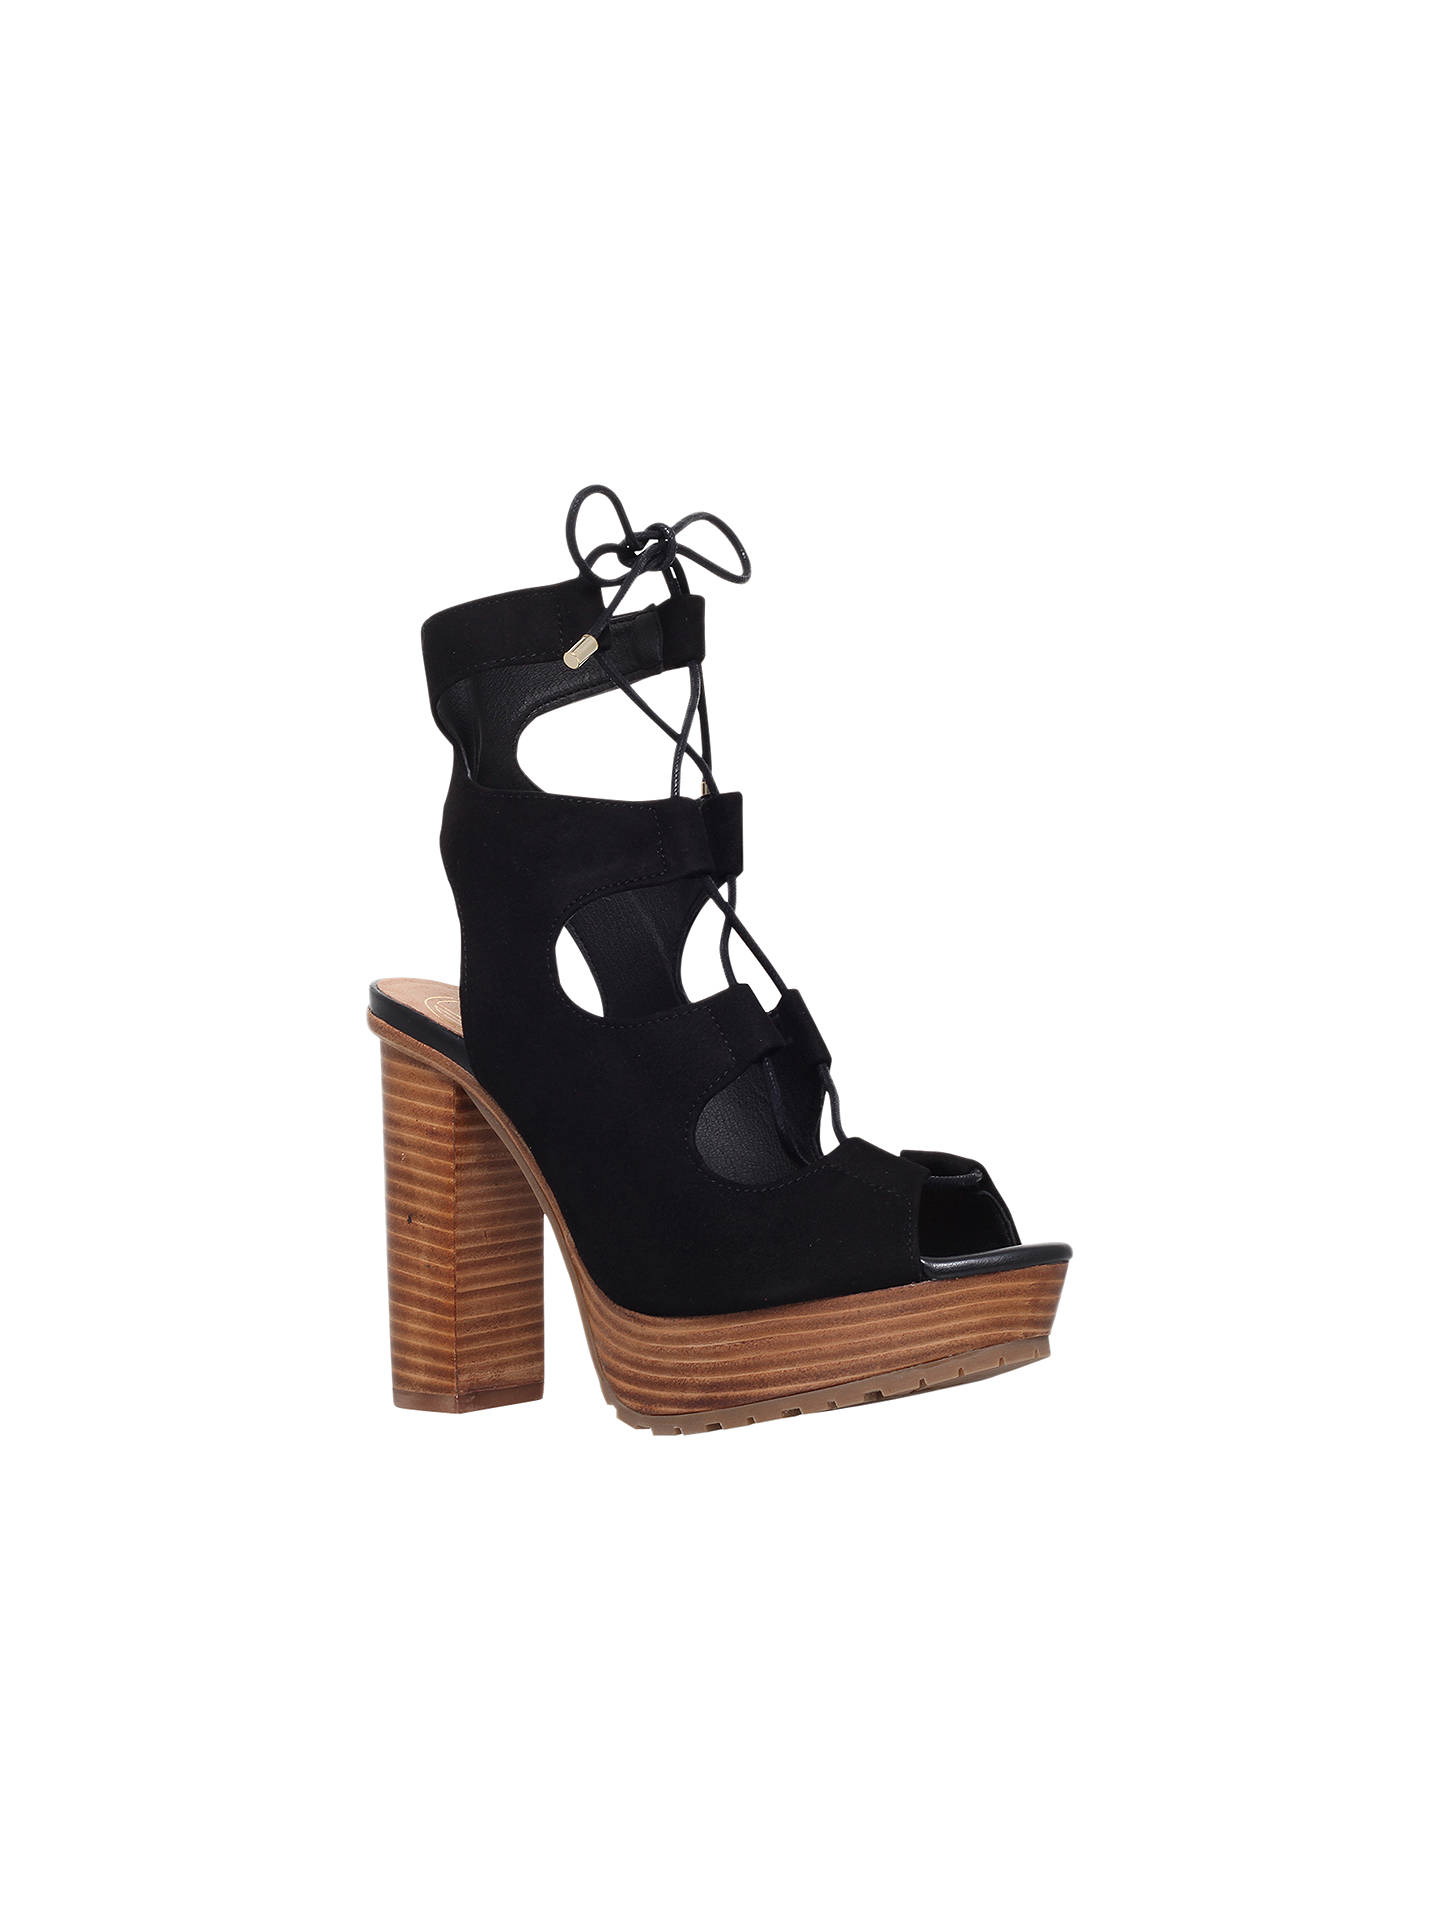 390e171e2163 KG by Kurt Geiger Henna Lace Up Block Heeled Sandals at John Lewis ...